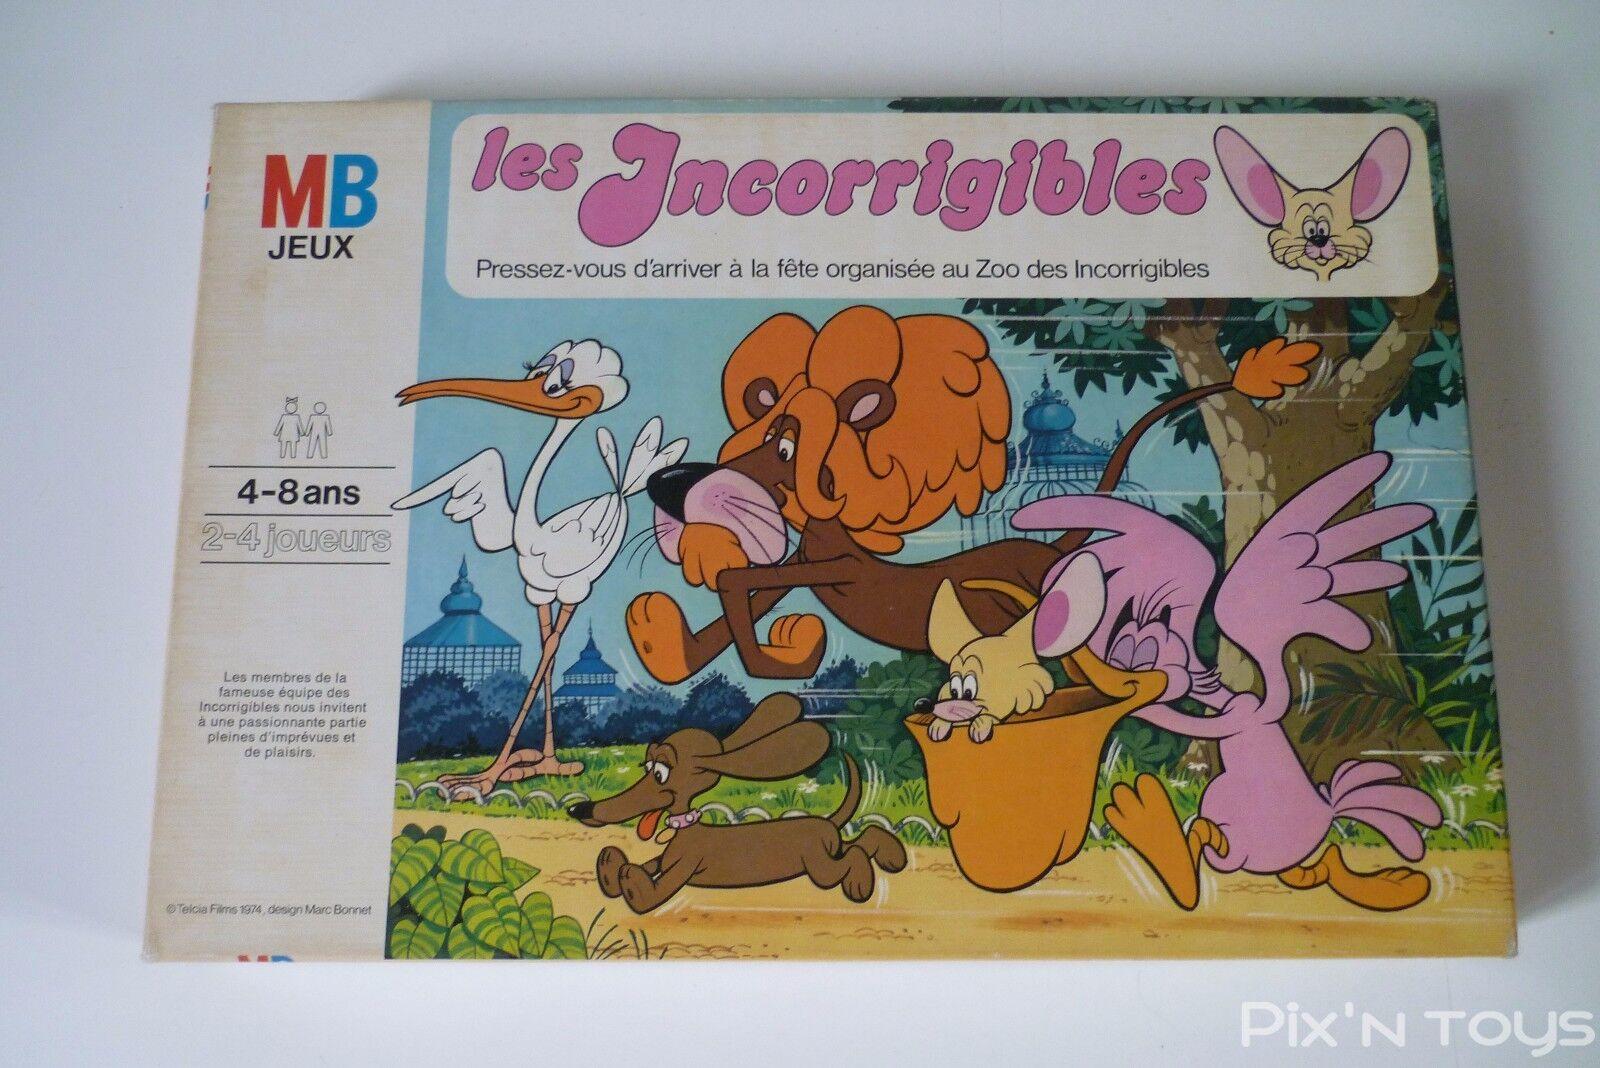 Les Incorrigibles / Jeu de société MB 1975 Version Française.